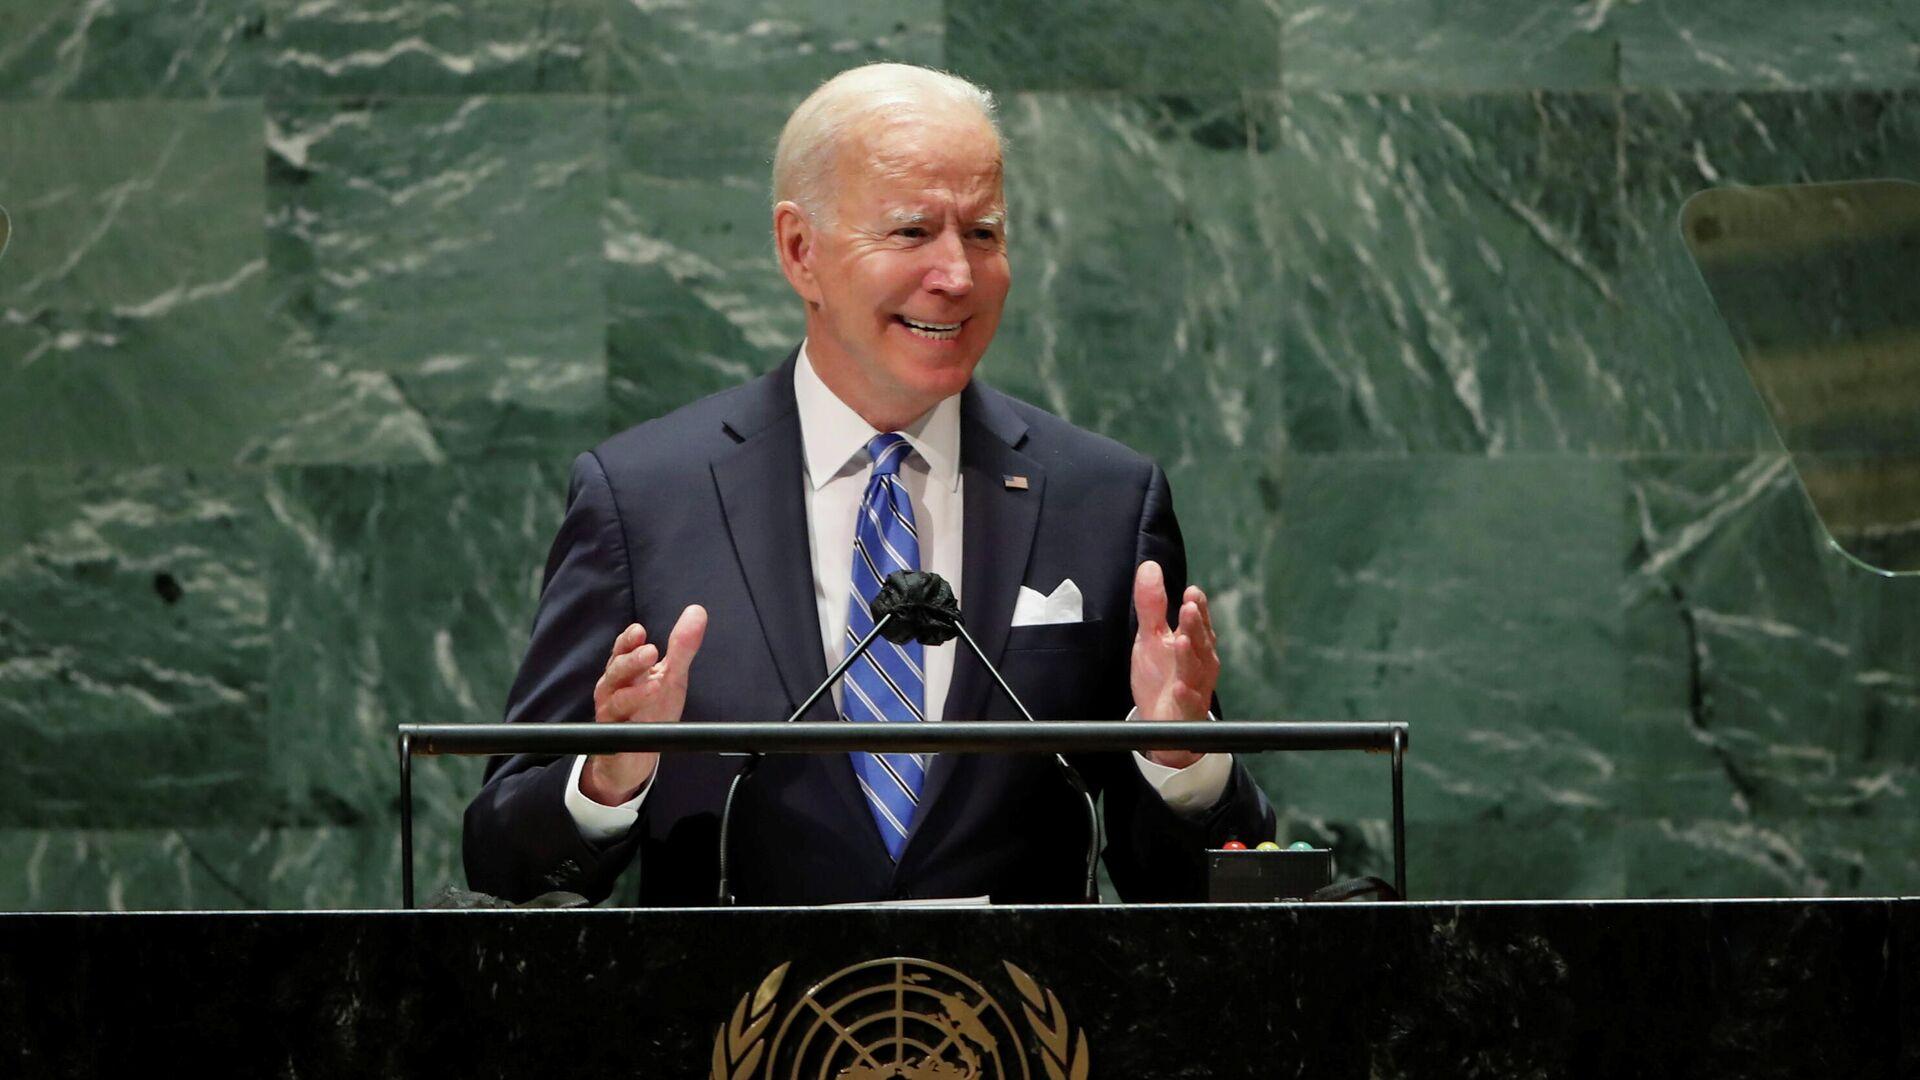 Президент США Джо Байден выступает на сессии Генеральной Ассамблеи ООН в Нью-Йорке - РИА Новости, 1920, 24.09.2021